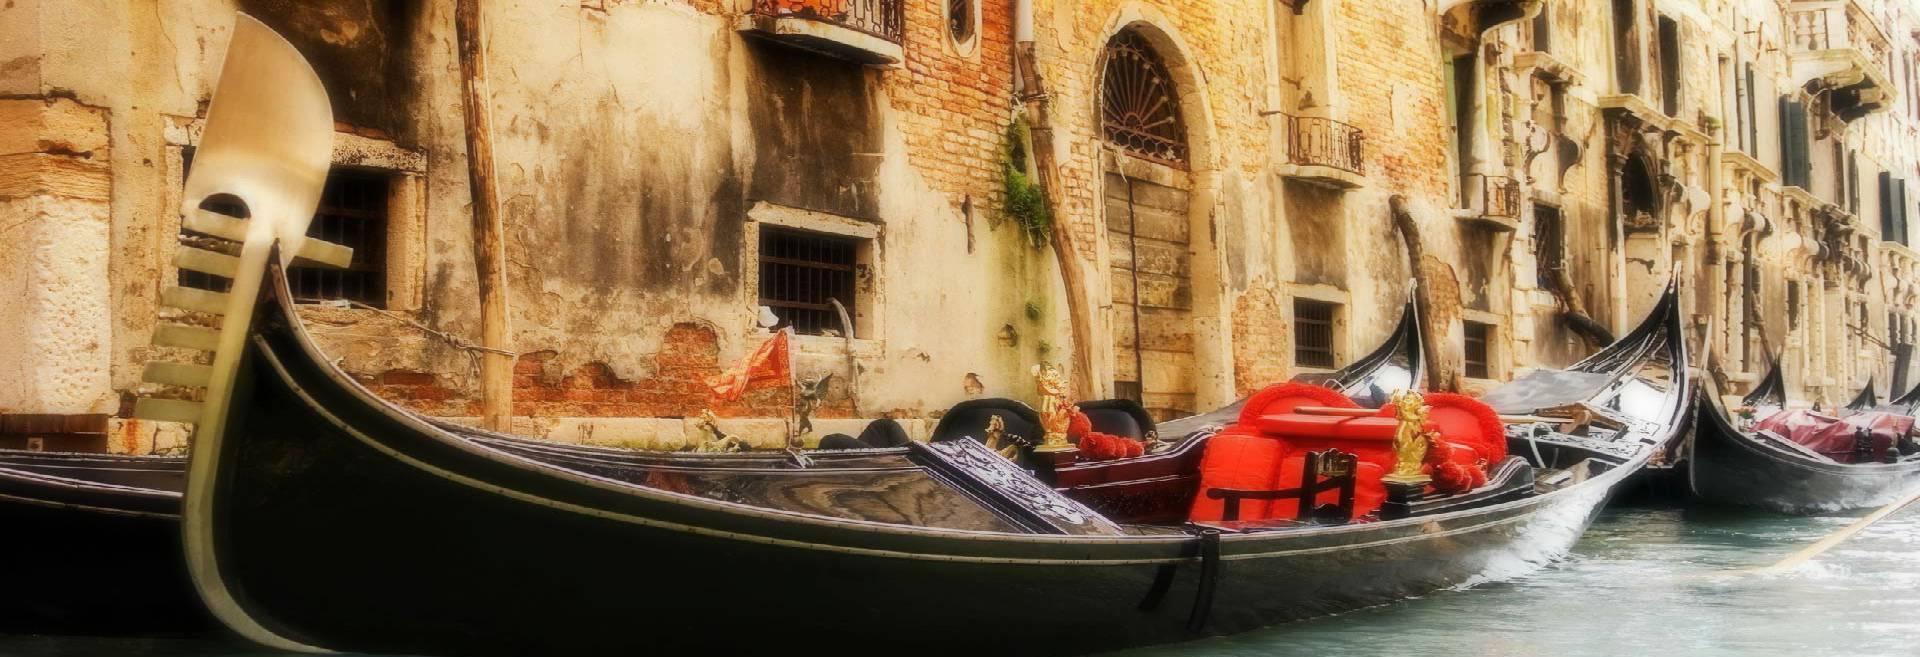 гондола в венеции